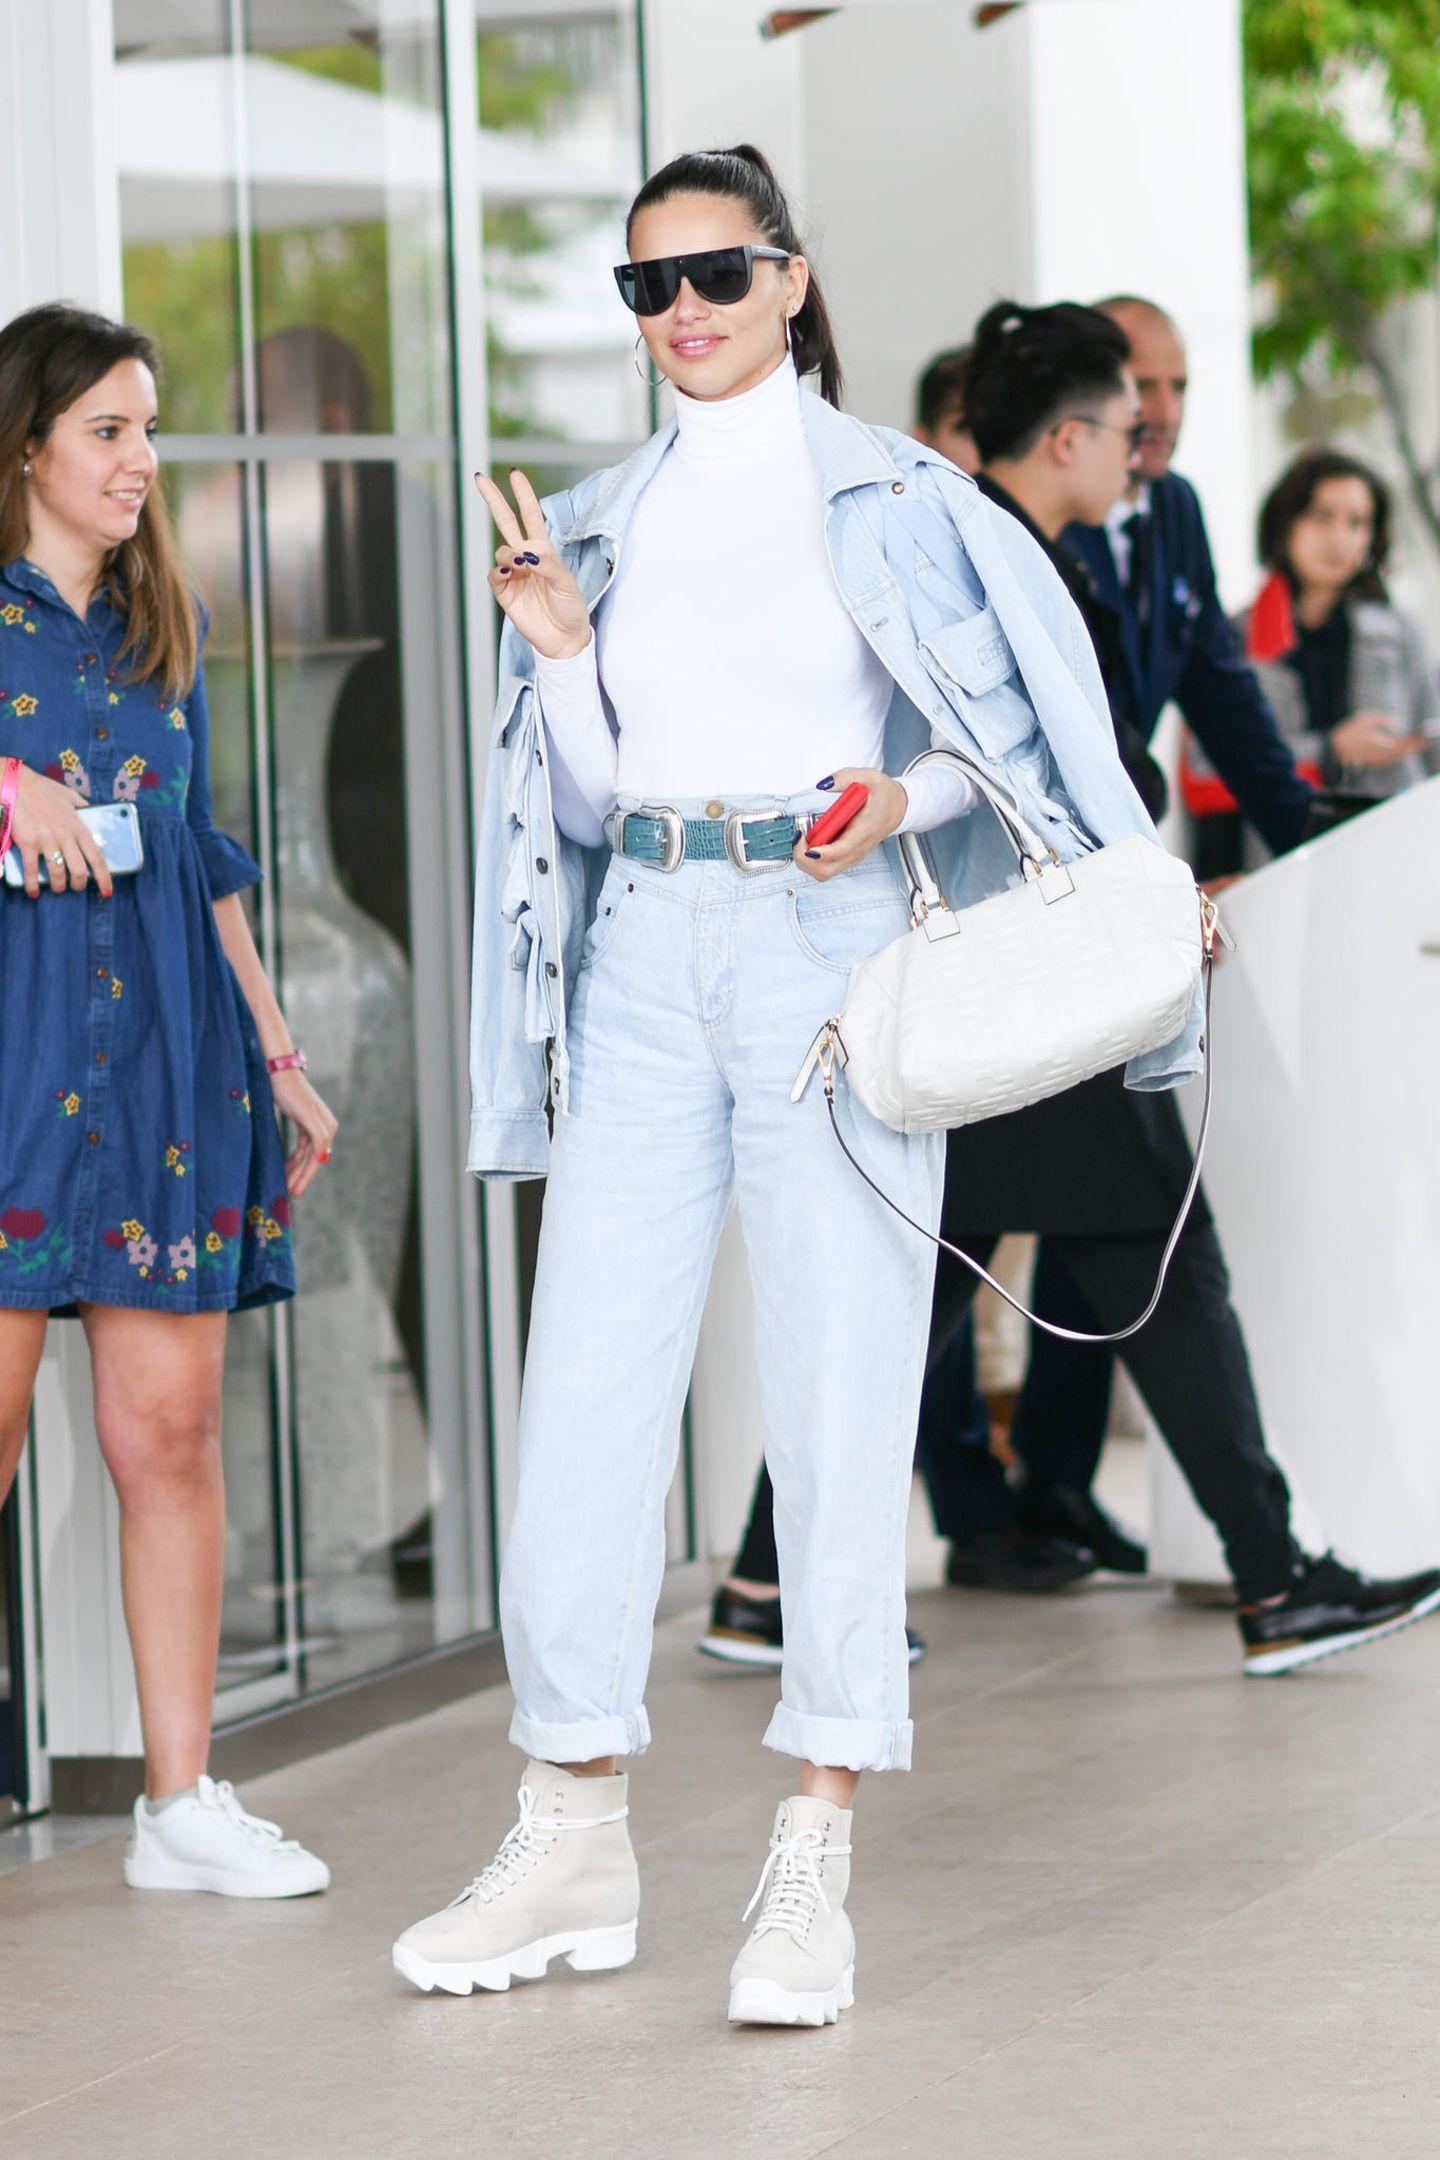 Lässig, lässiger, Adriana Lima. Das Model wählt für ihren Tag in Cannes einen hellen Denim-Look: Bequem und modisch in Einem.